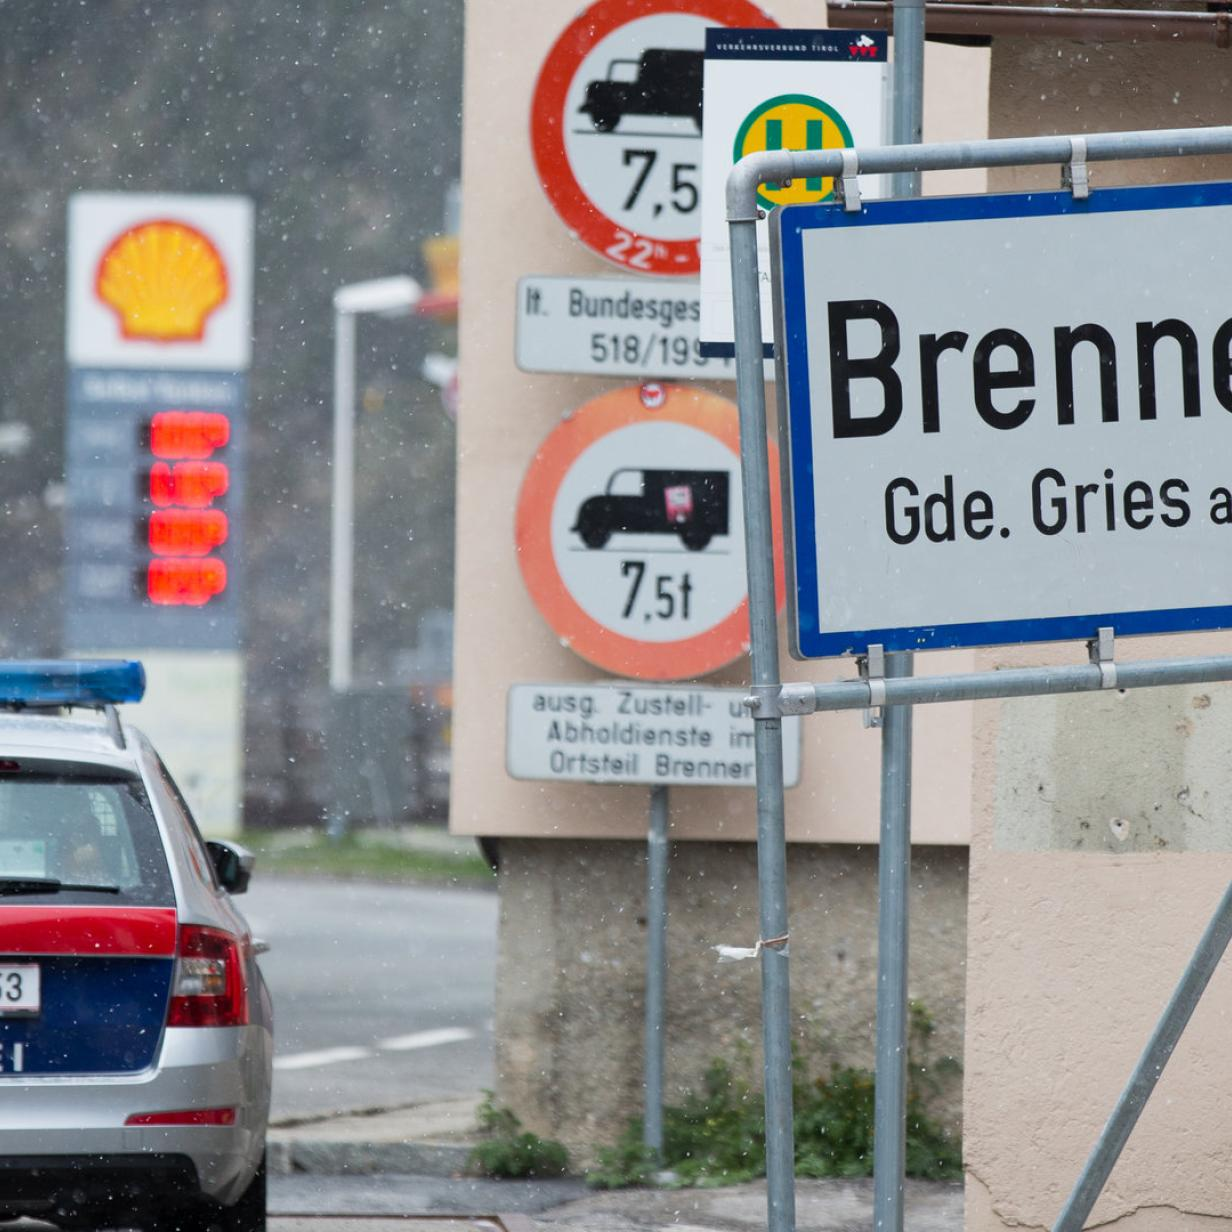 Darum jongliert Ulm mit den Millionen - Schwbische Zeitung